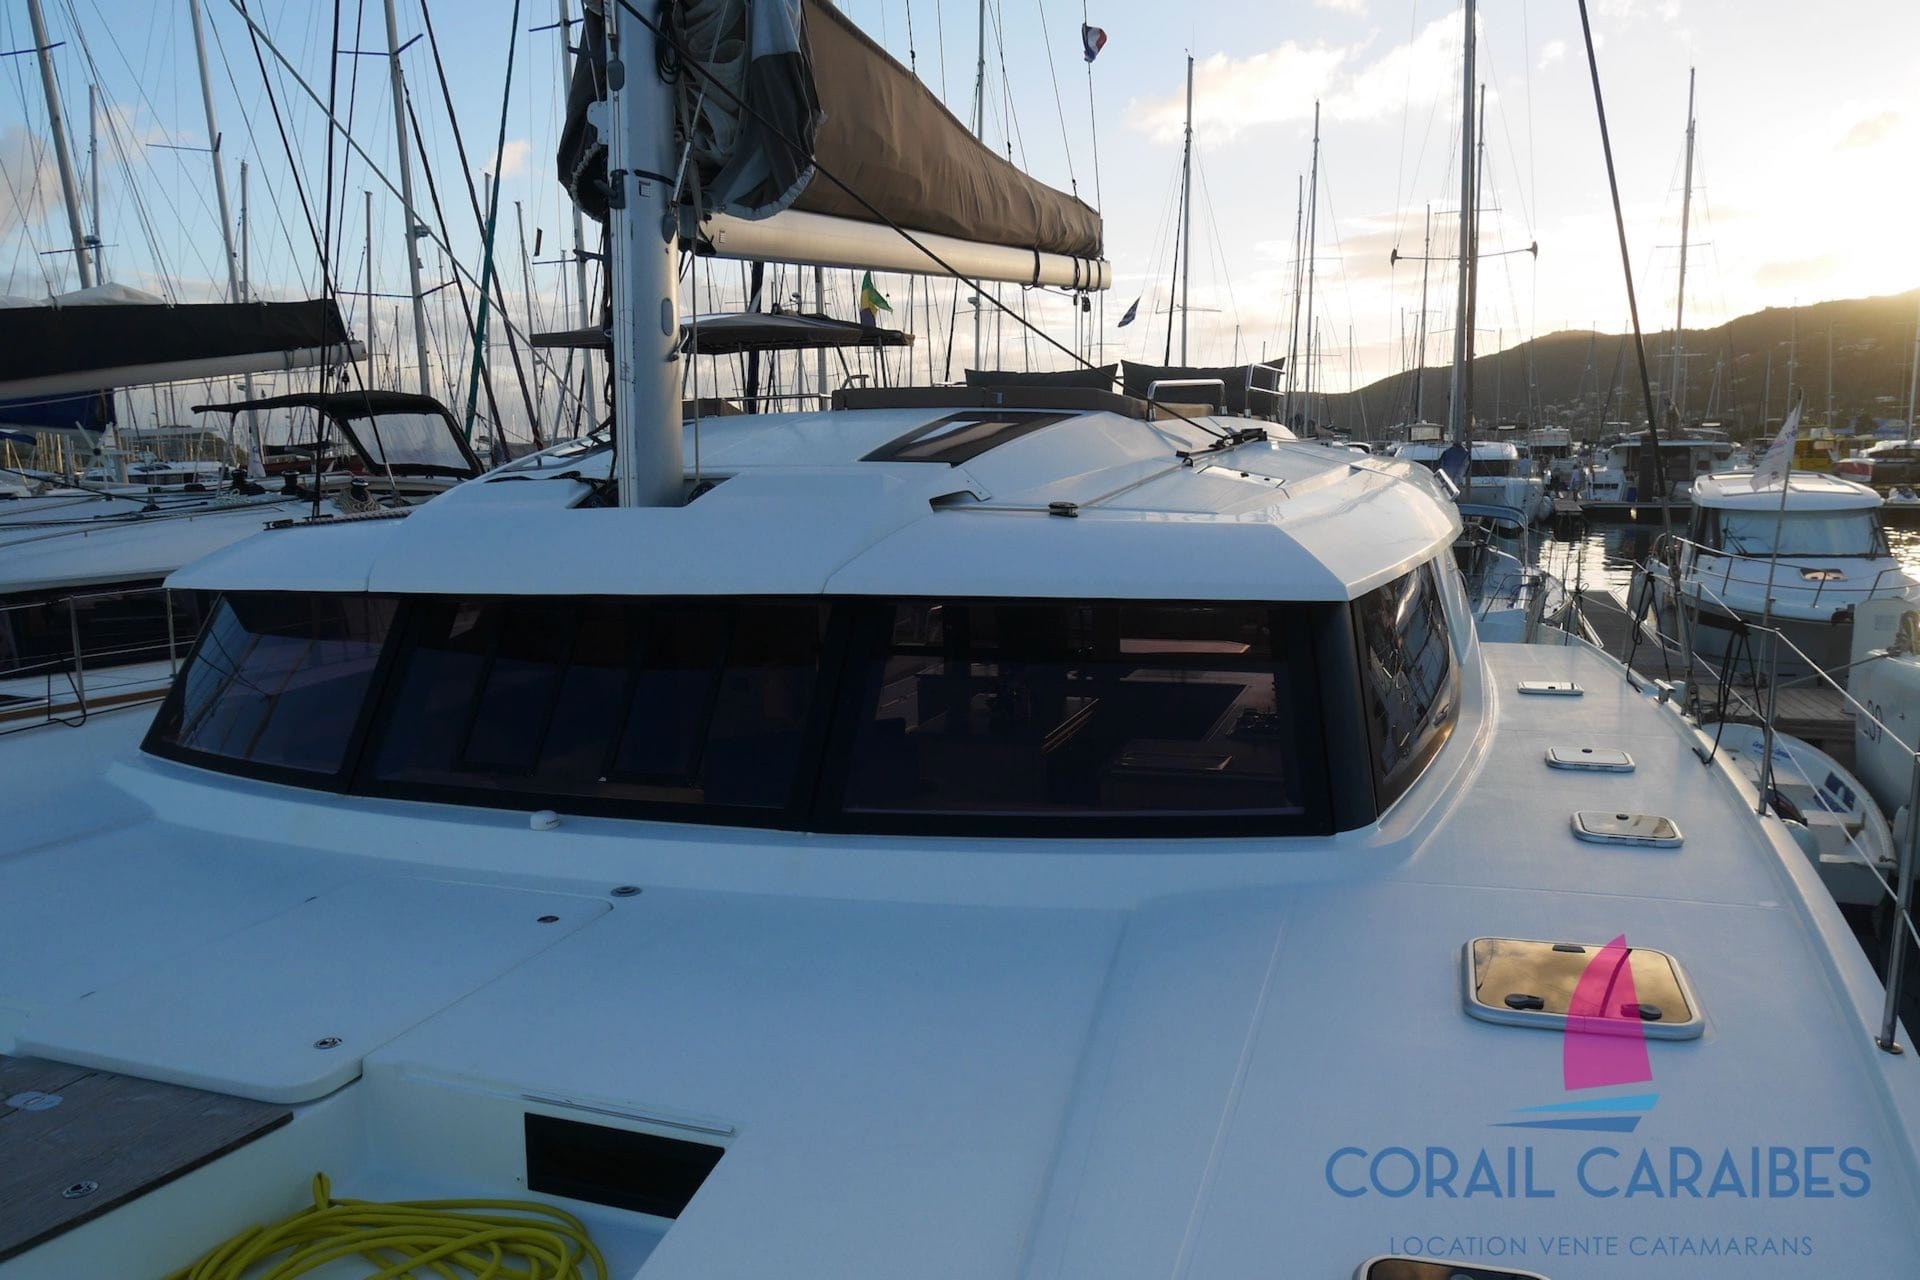 Saba-50-Maestro-Corail-Caraibes-11